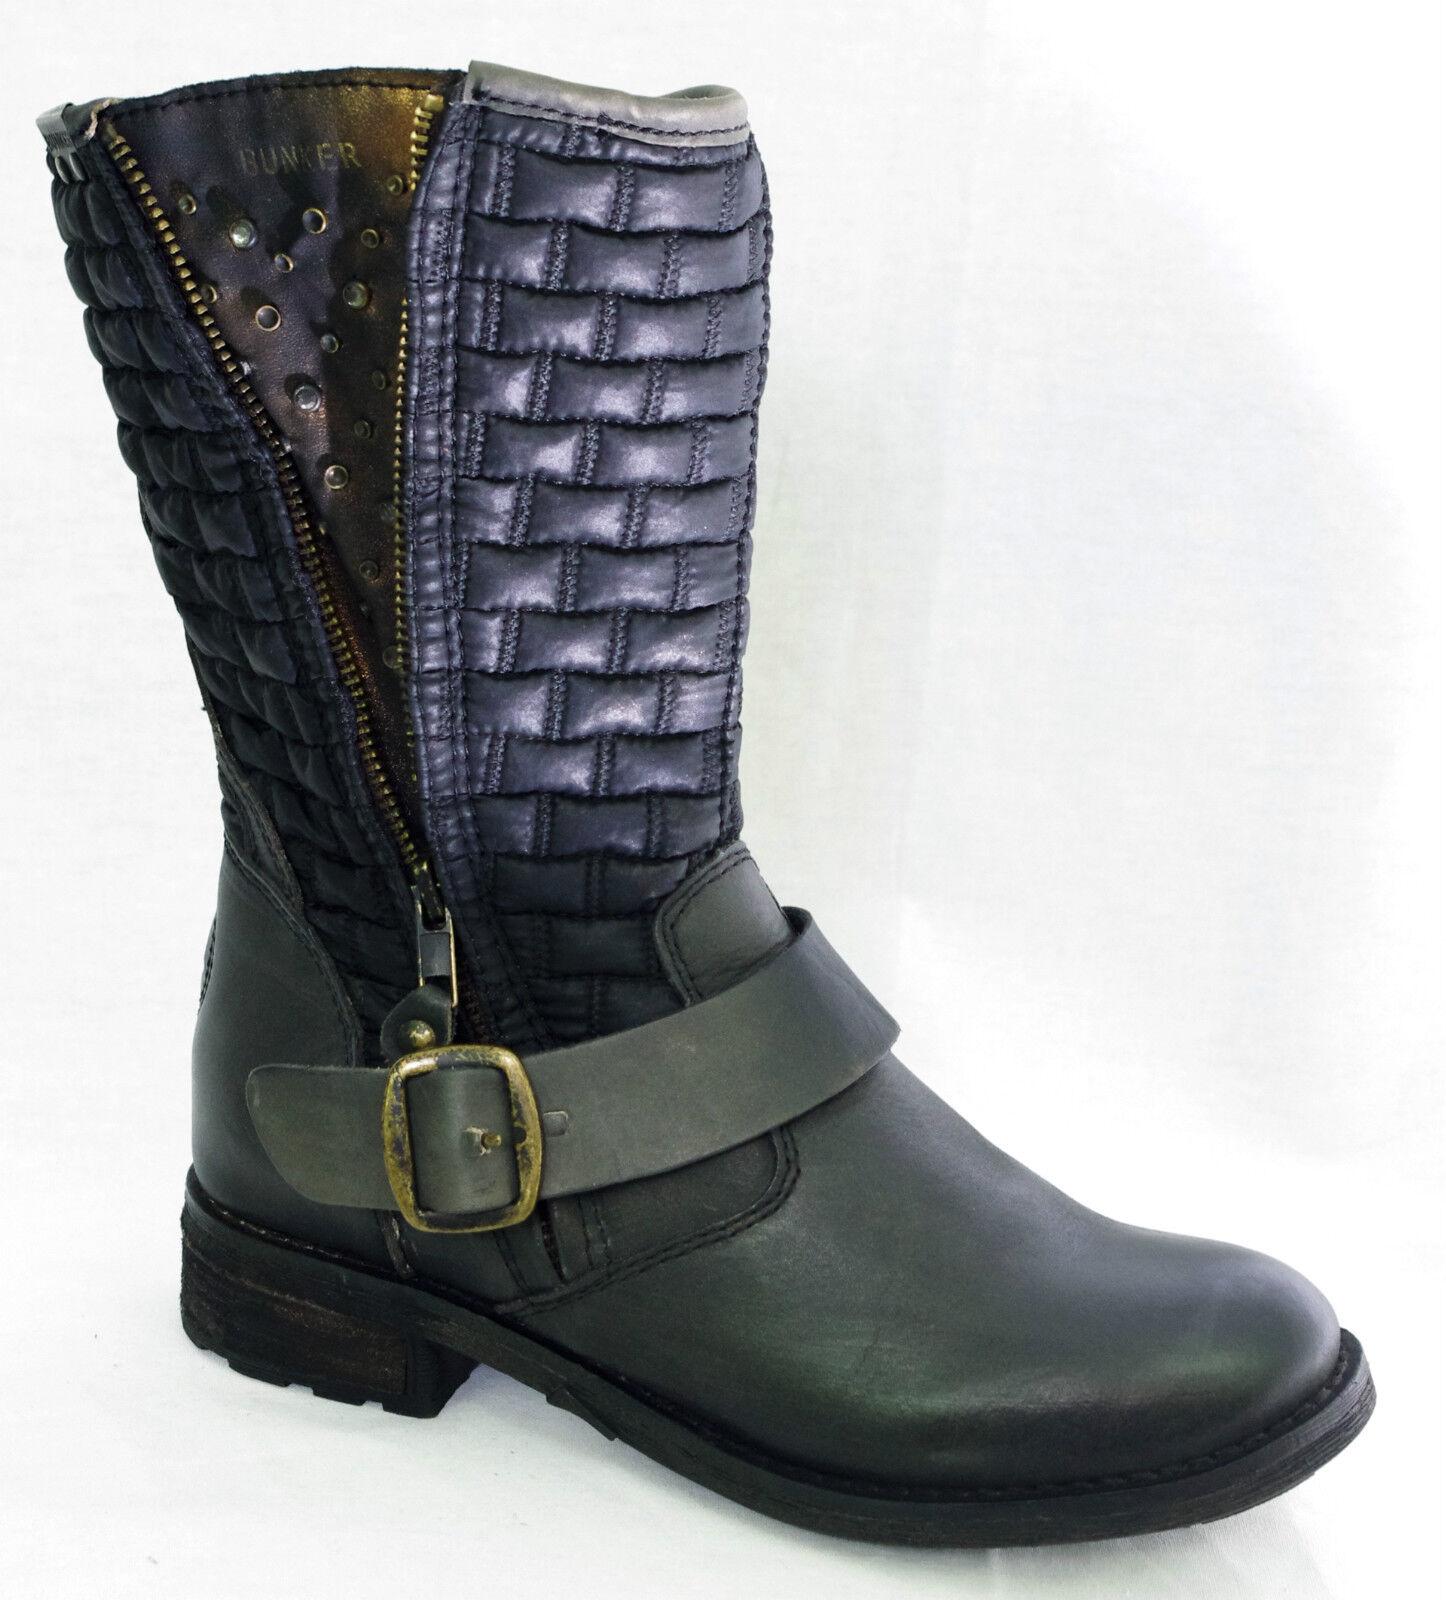 Grandes zapatos con descuento BUNKER shoes bottes femme Out B73 Puma noir femme